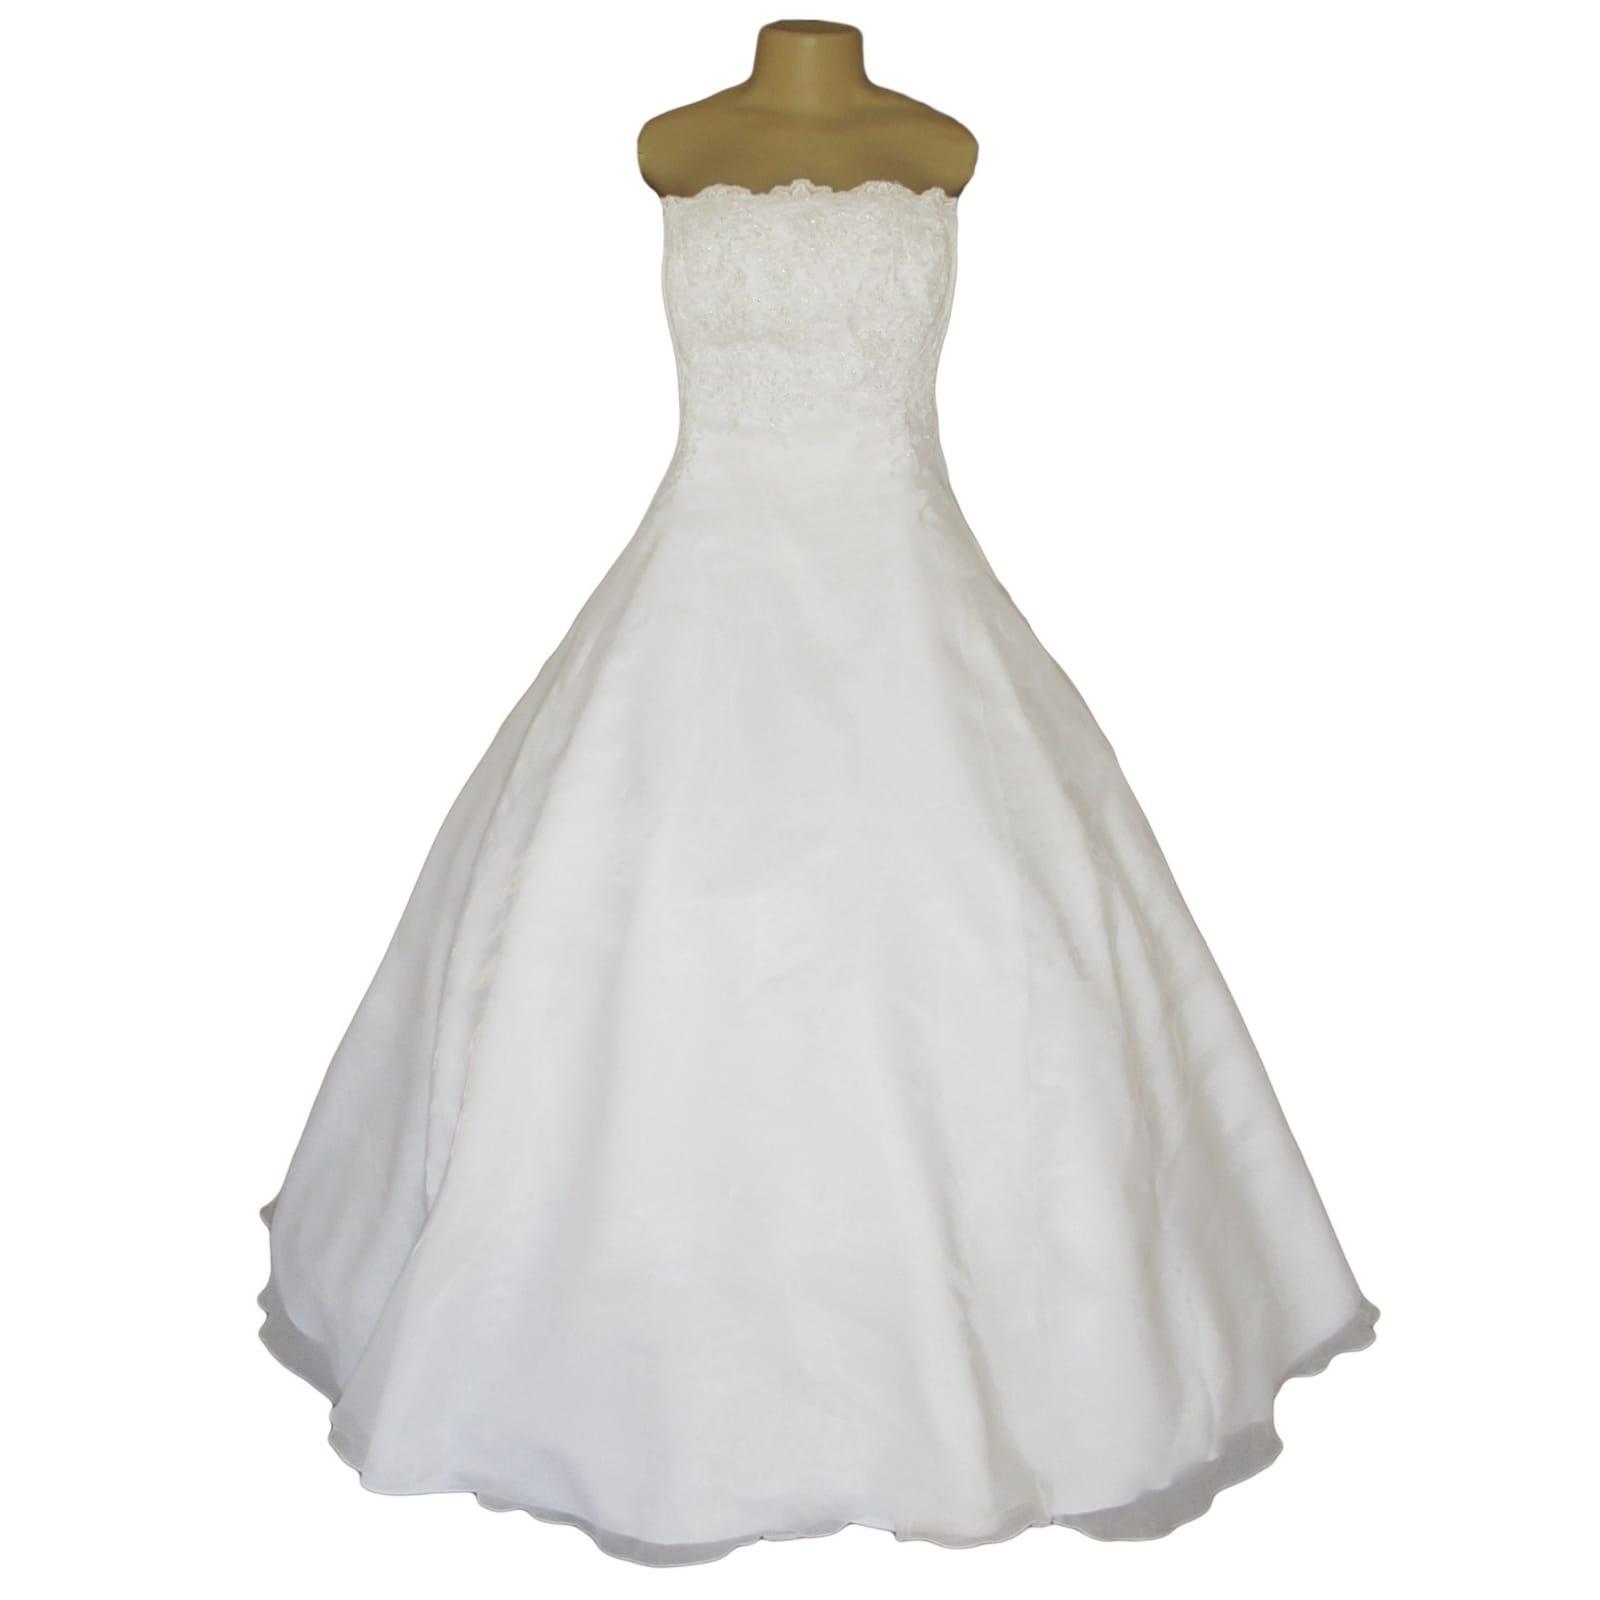 Organza vestido de noiva branco 10 vestido de baile de casamento branco de organza, sem ombros. Corpete detalhado com renda. De costas com cordões. Com um cauda e ombro organza plissada detalhadas com rendas. Com véu.